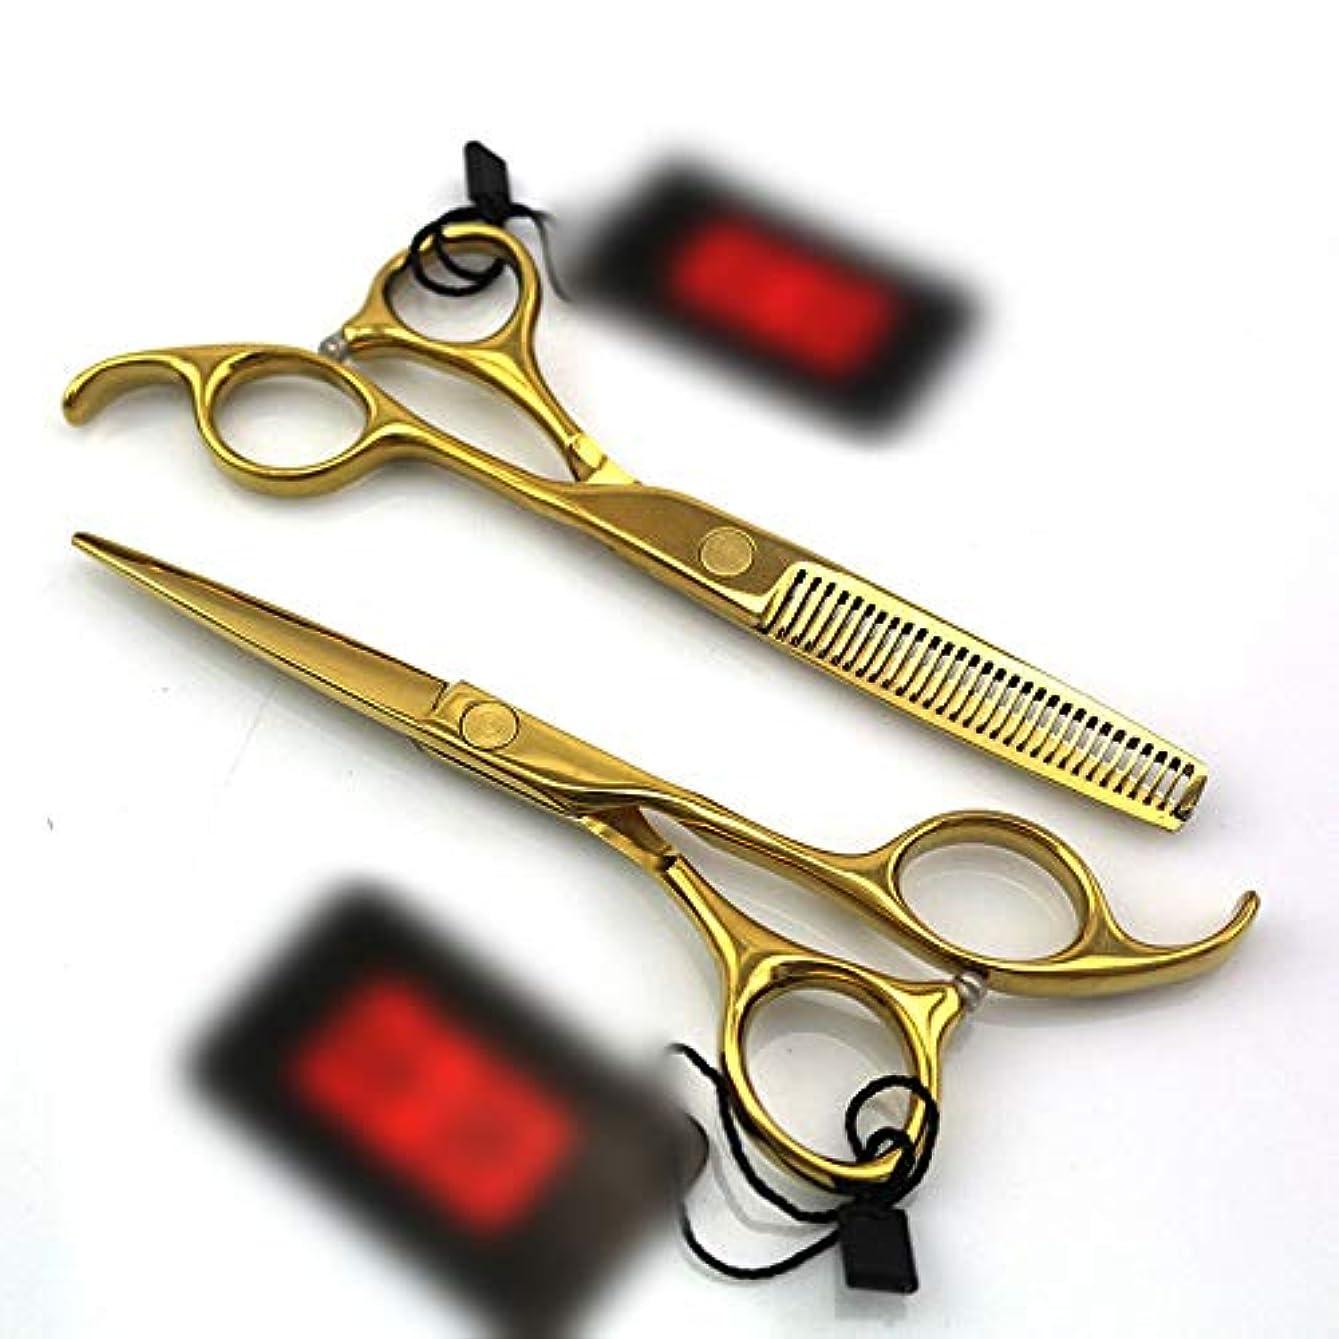 保安前に最初5.5インチのまっすぐなハンドルの理髪師のめっきの金の専門の理髪セット ヘアケア (色 : ゴールド)